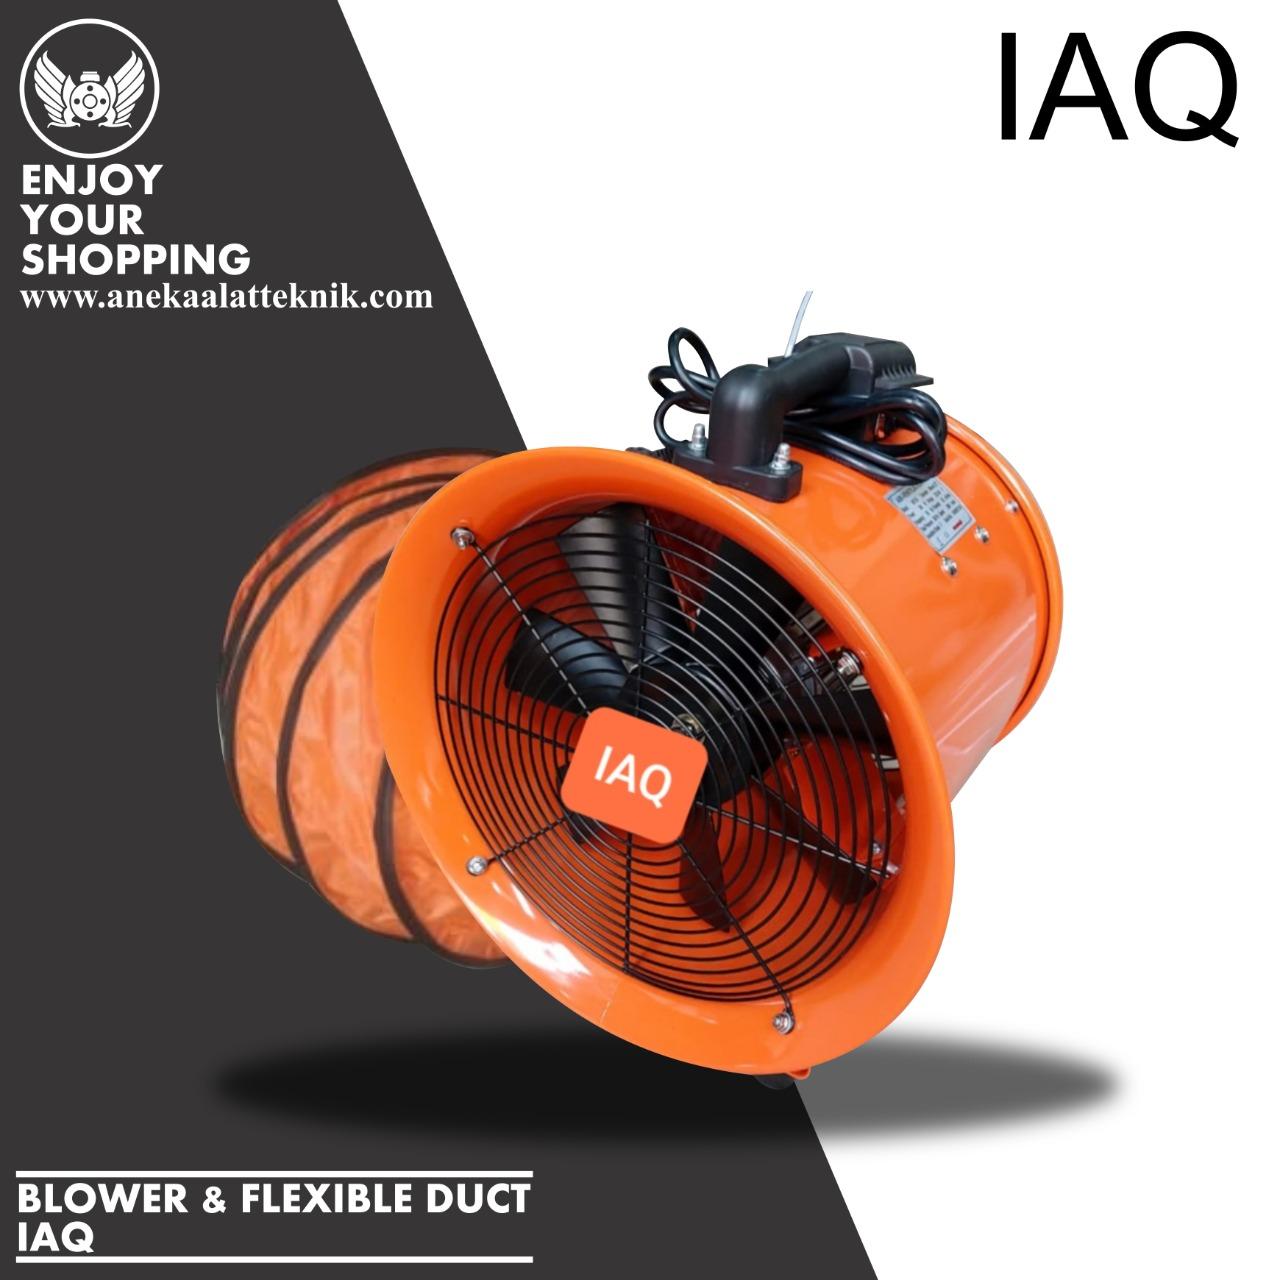 BLOWER & FLEXIBLE DUCT IAQ